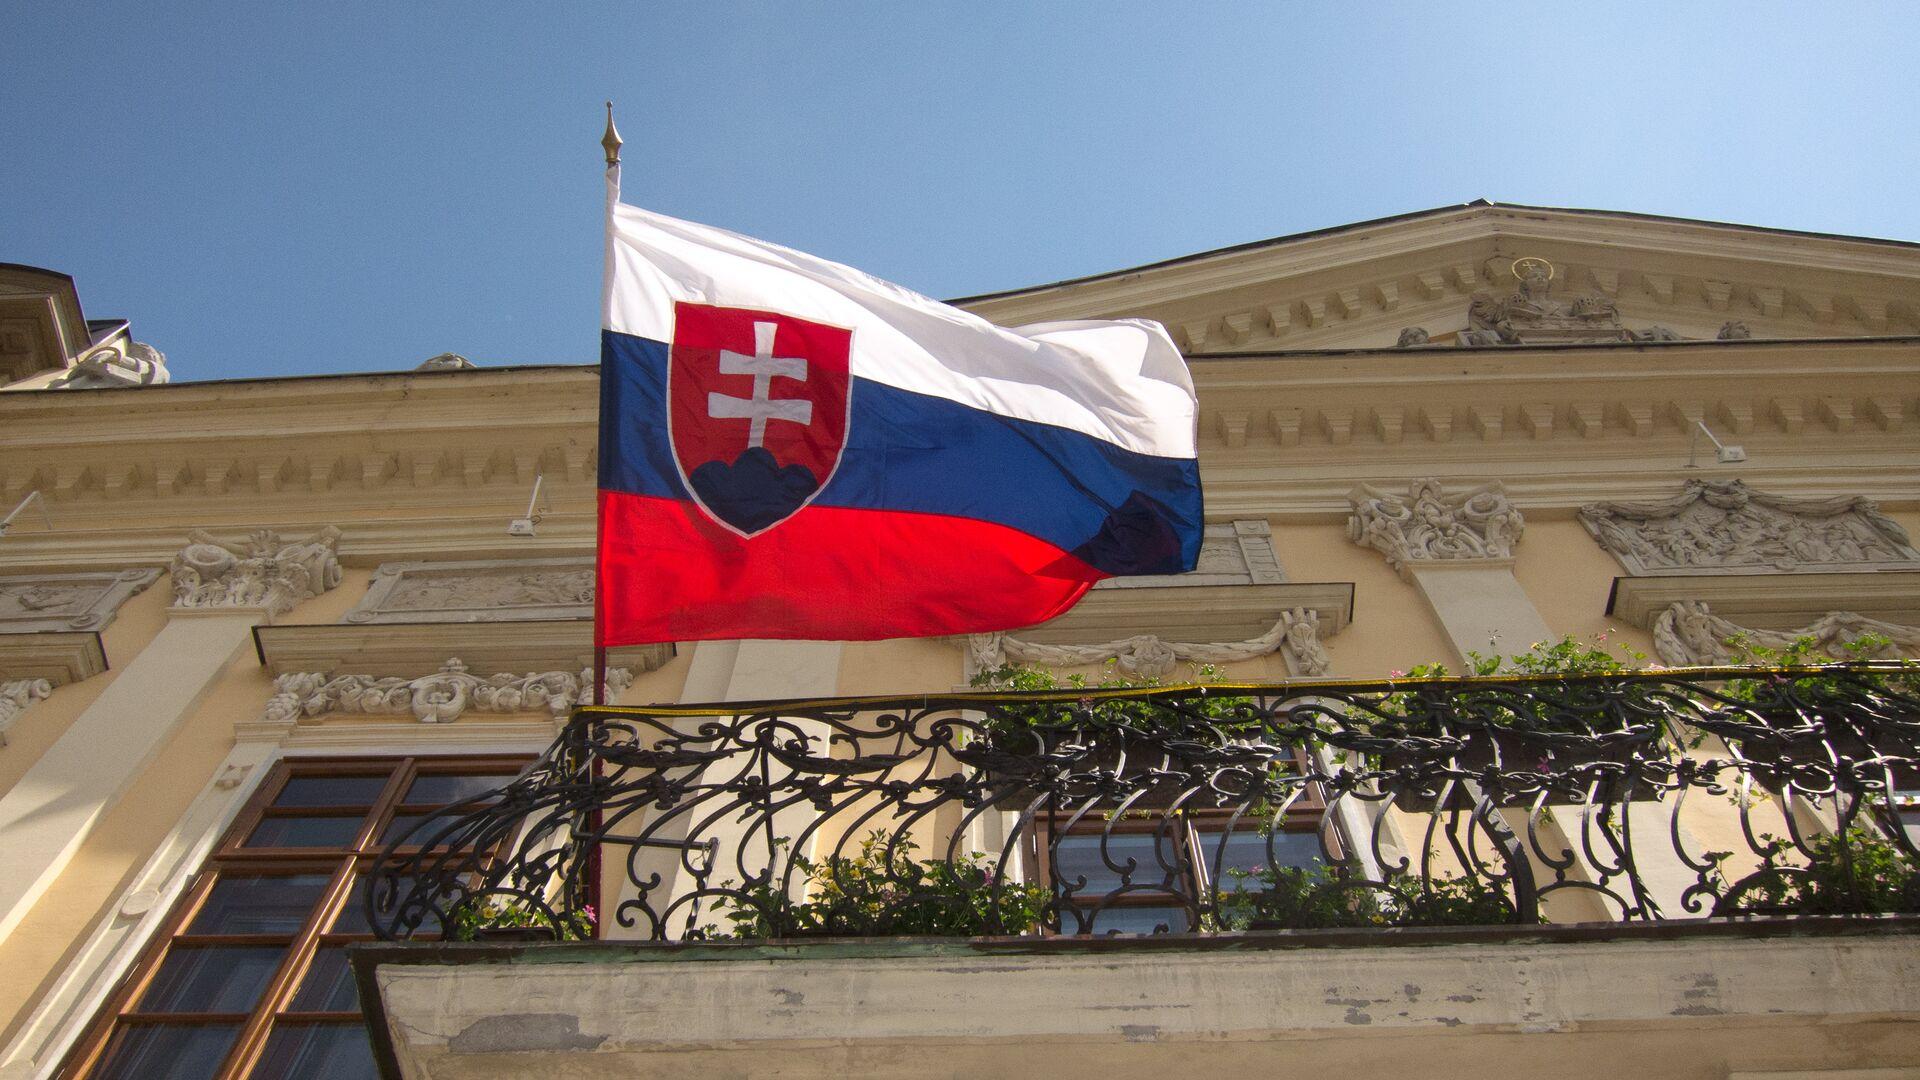 Bandera de Eslovaquia  - Sputnik Mundo, 1920, 22.04.2021